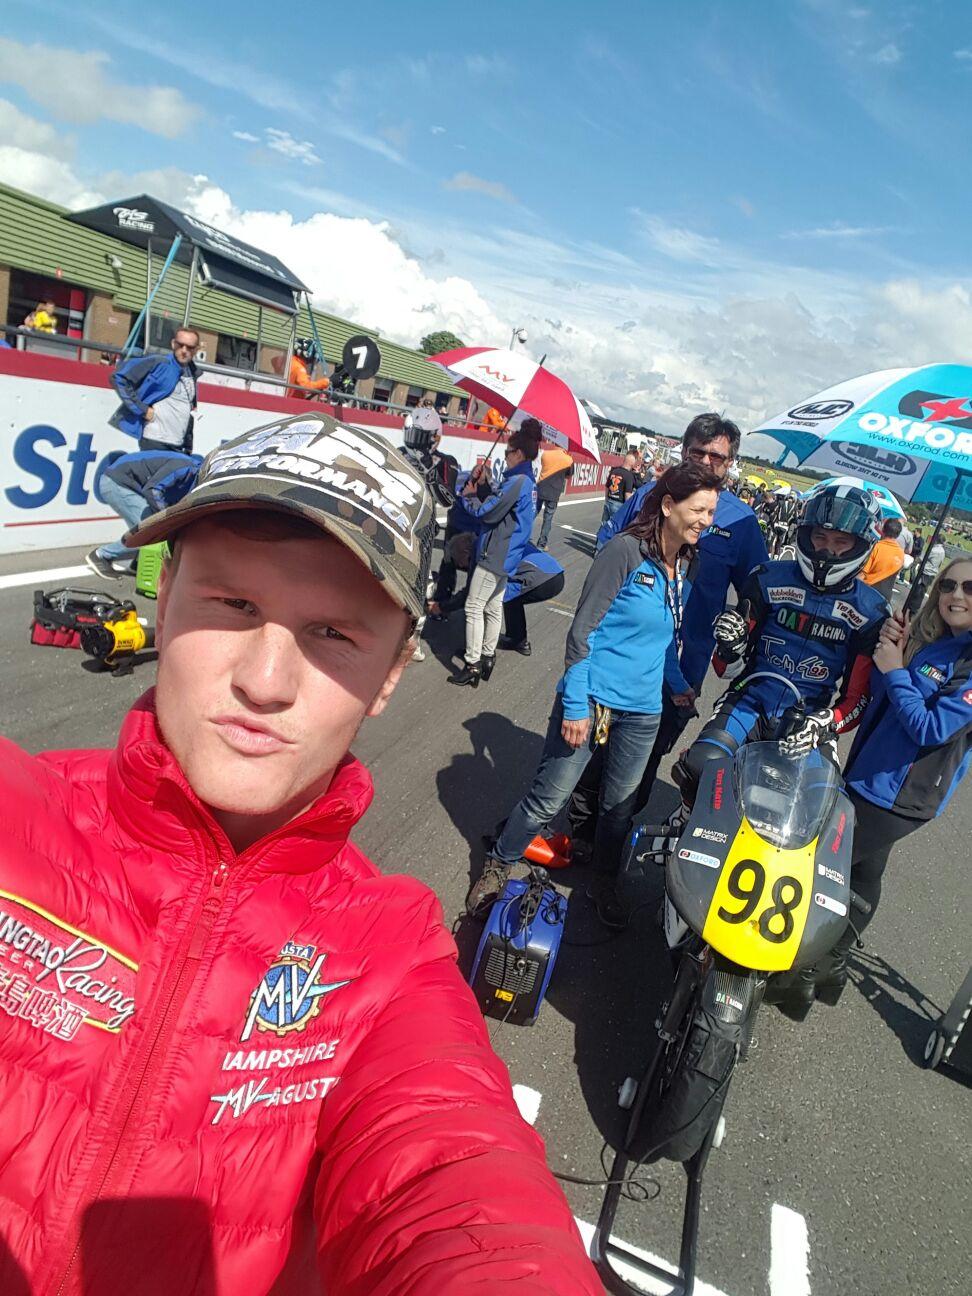 Gridselfie met ex-GP rijder en vriend Scott Deroue